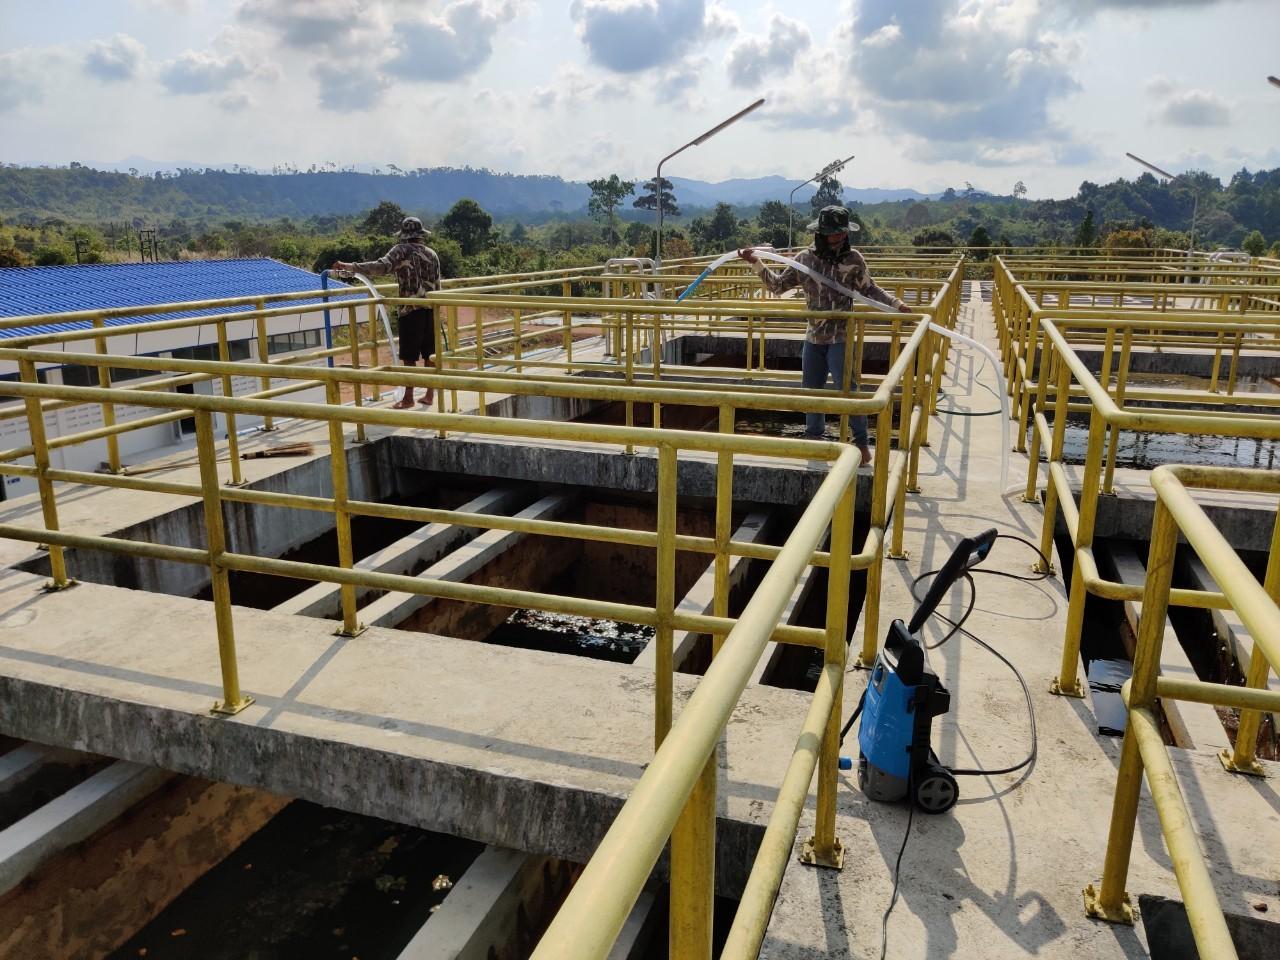 กปภ.สาขาคลองใหญ่ ดำเนินการล้างถังตกตะกอน ประจำเดือน มกราคม 2563 ณ สถานีผลิตน้ำคลองสะพานหิน